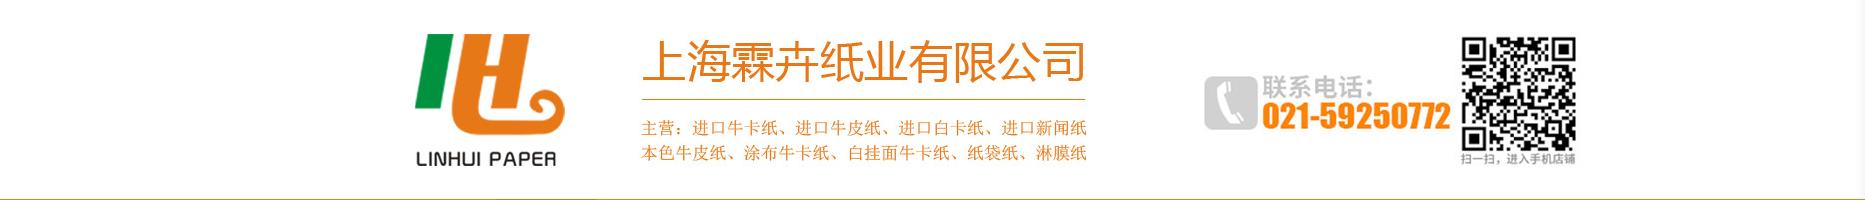 上海霖卉紙業有限公司